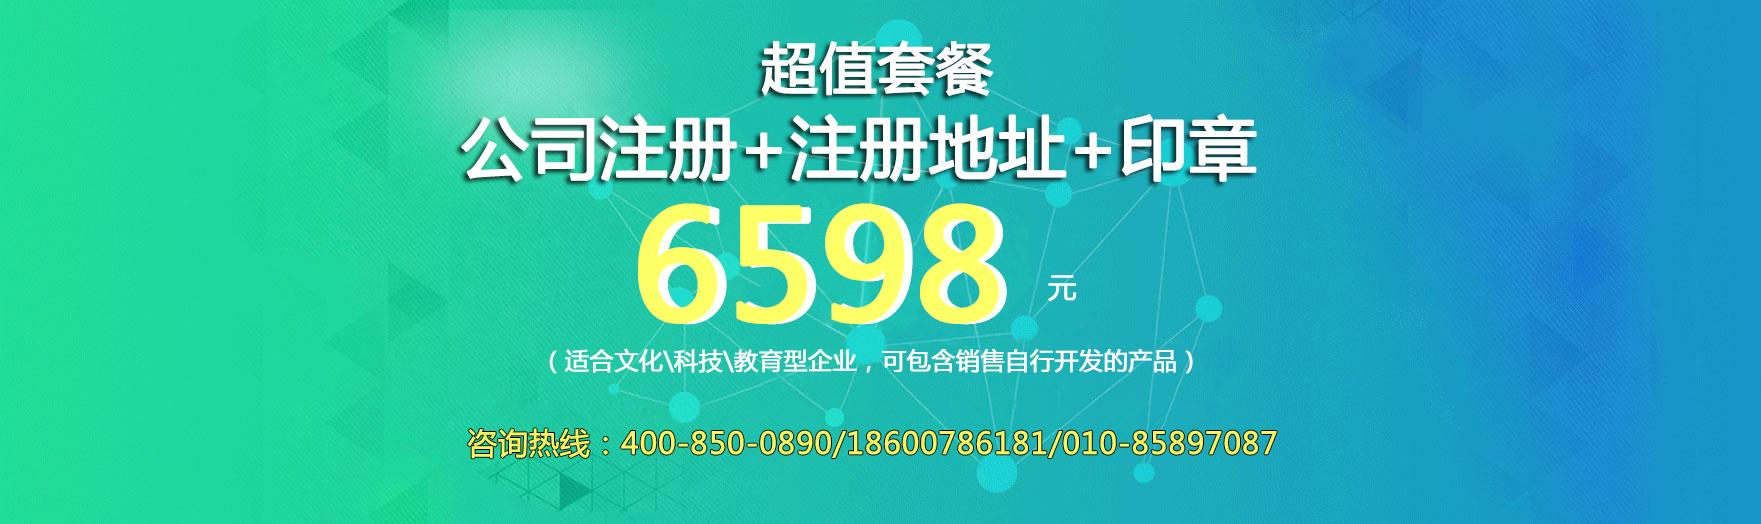 北京公司注册超值套餐